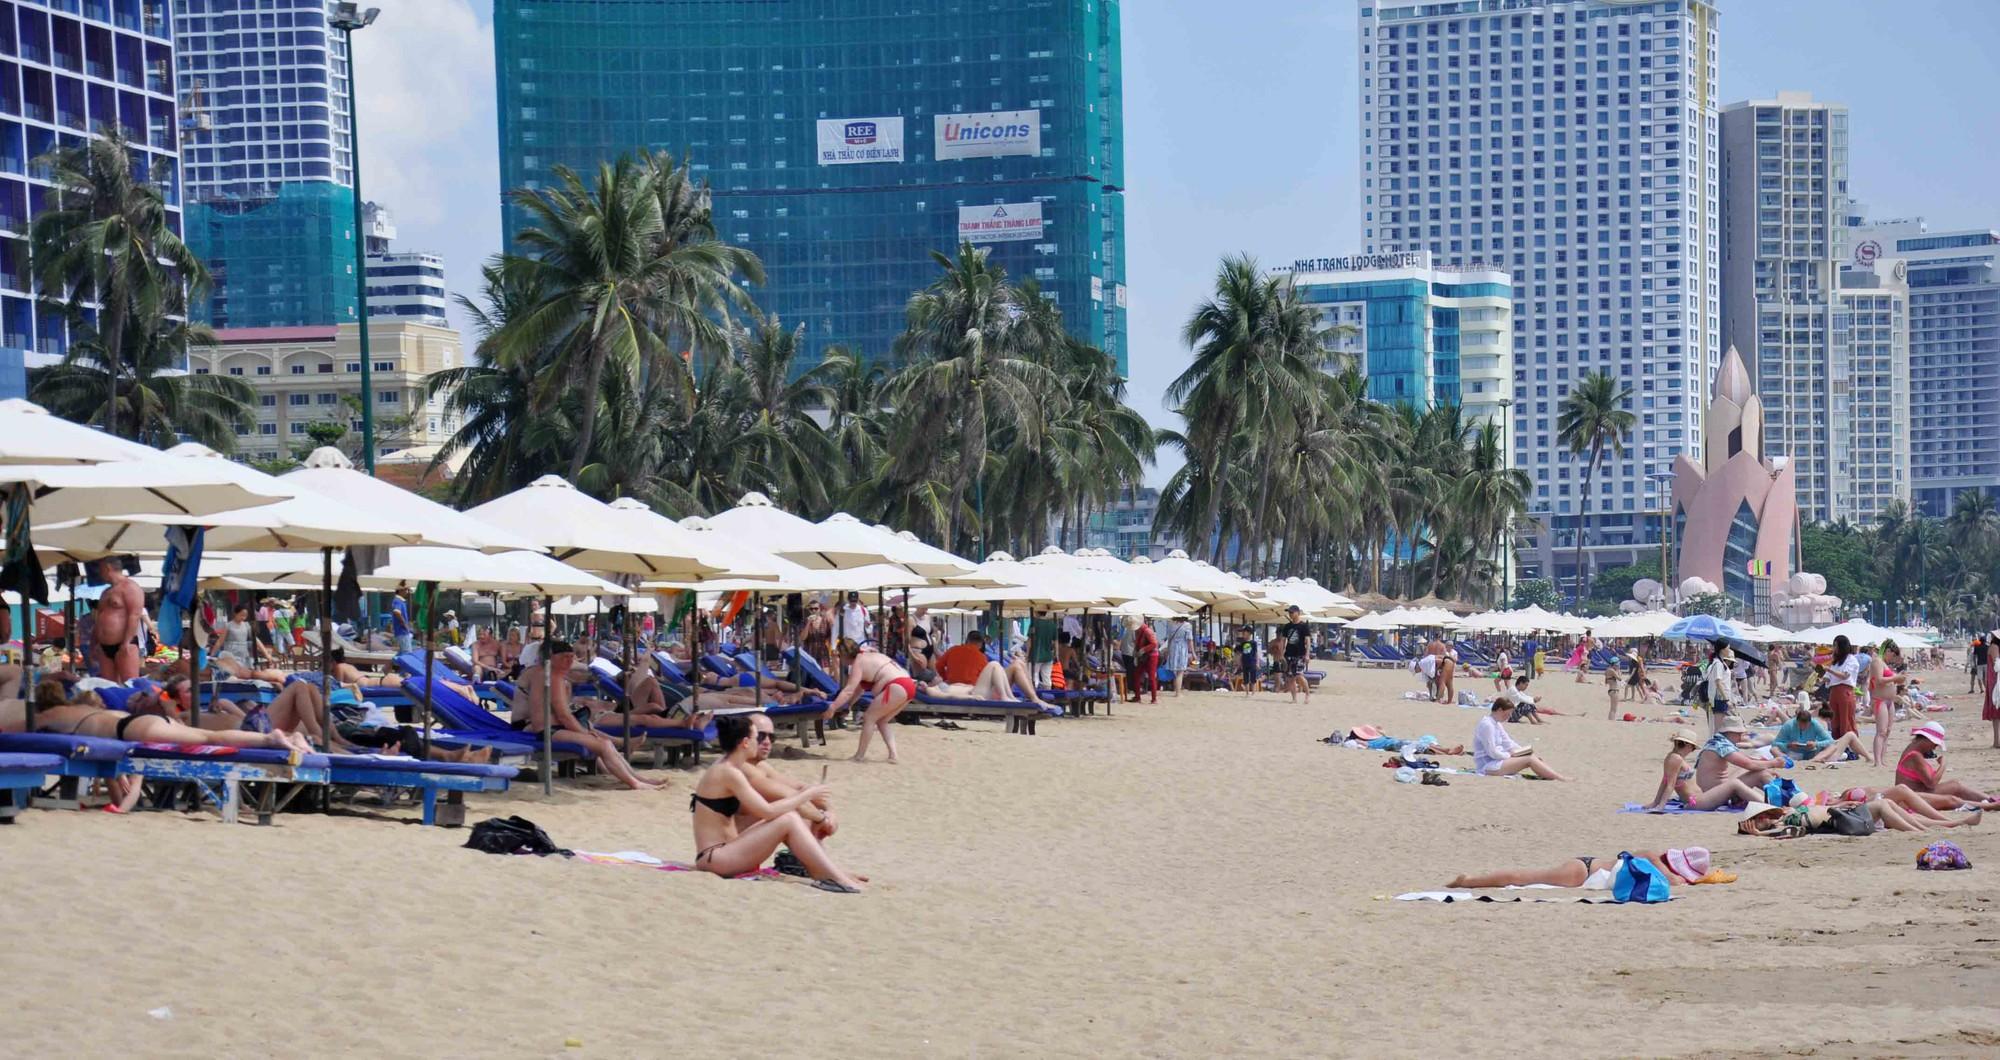 HHDL Nha Trang – Khánh Hòa kiến nghị cho doanh nghiệp miễn phí thuê bãi biển đến hết năm 2020 - Ảnh 1.